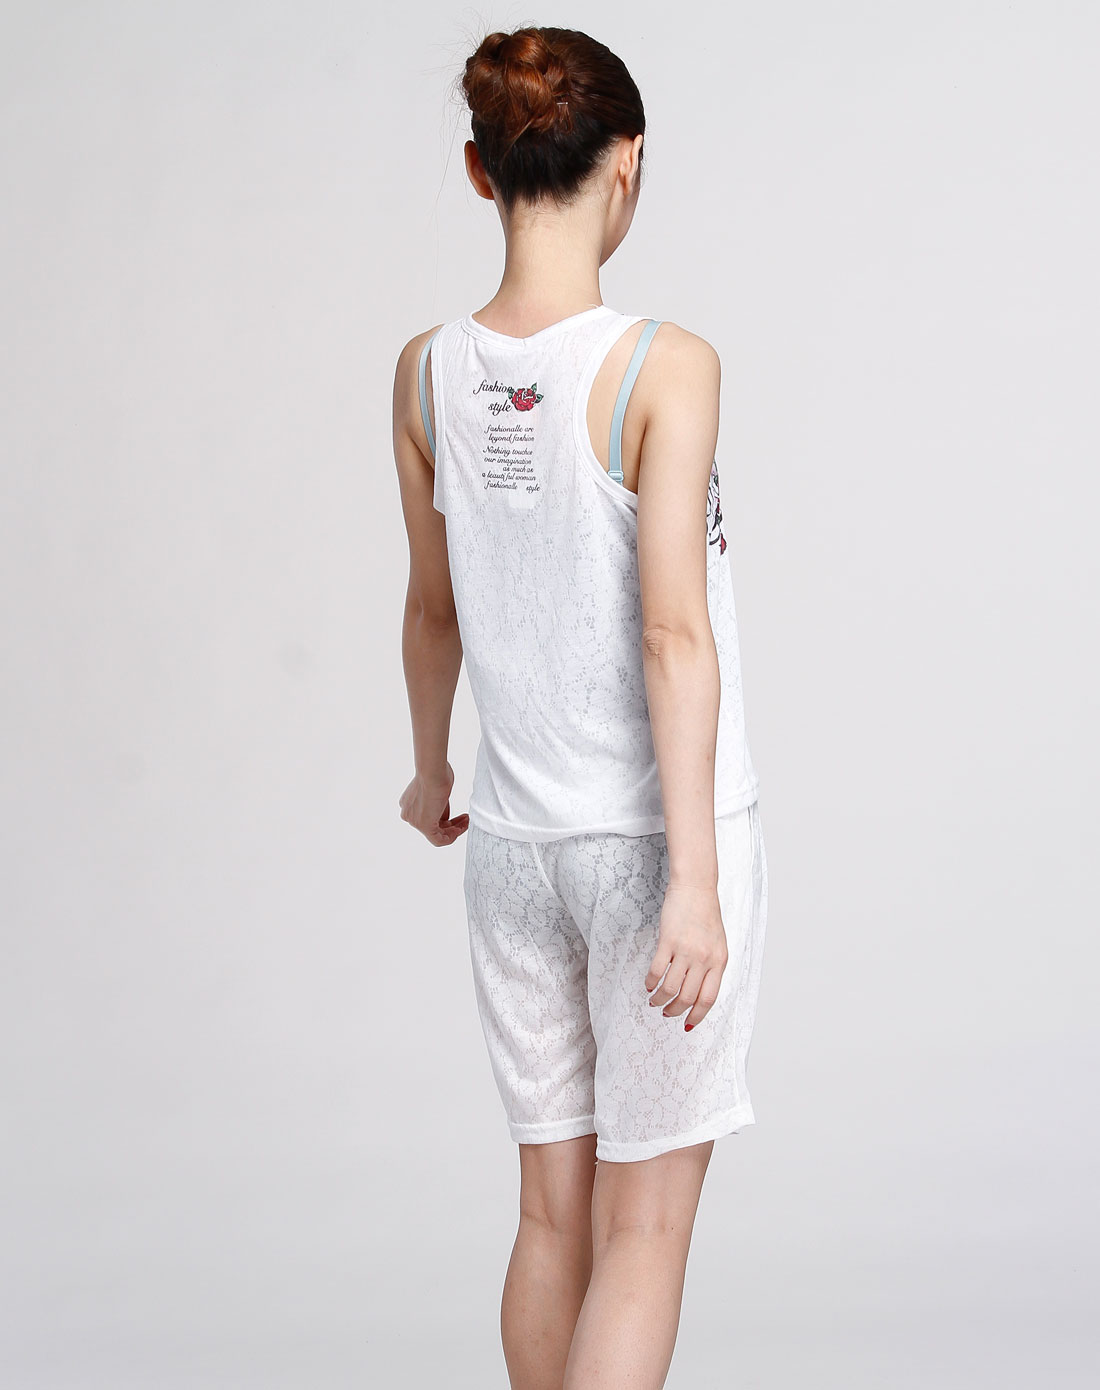 多拉美女款专场白色个性时尚家居服背心套装